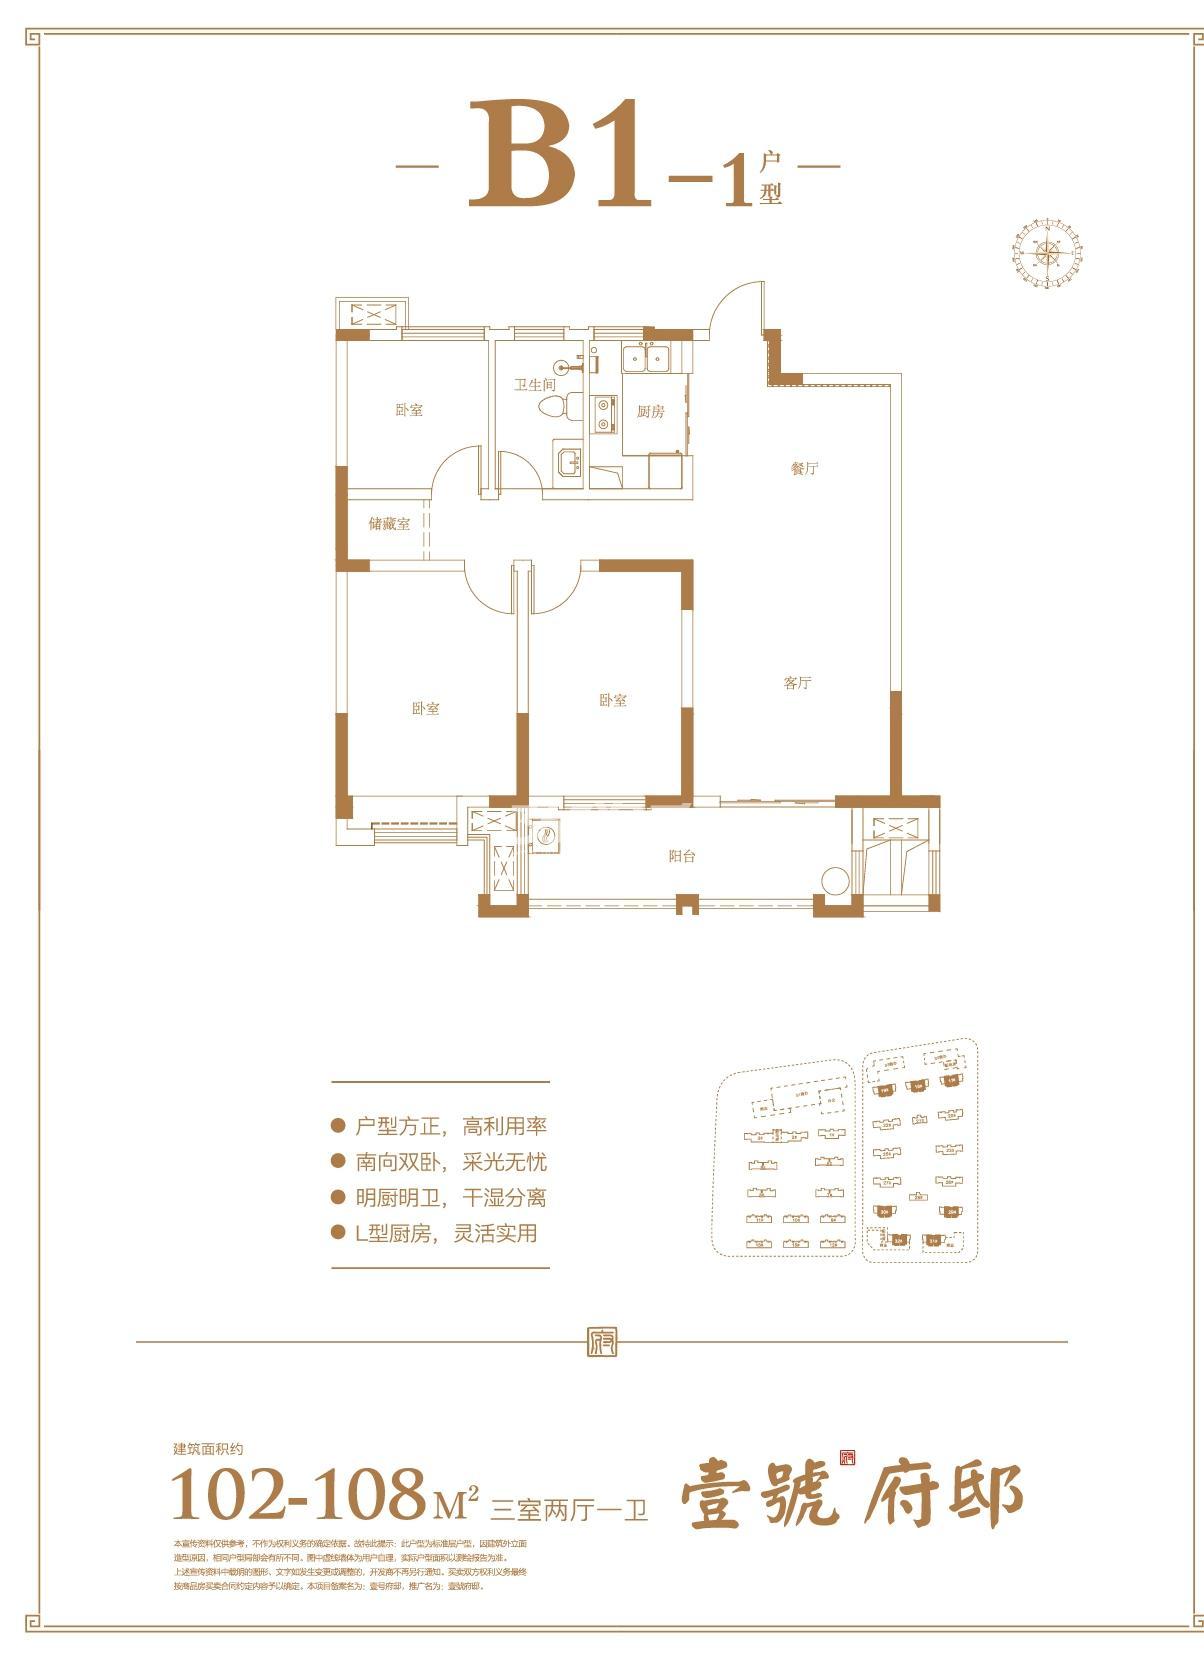 壹號府邸高层B1—1户型